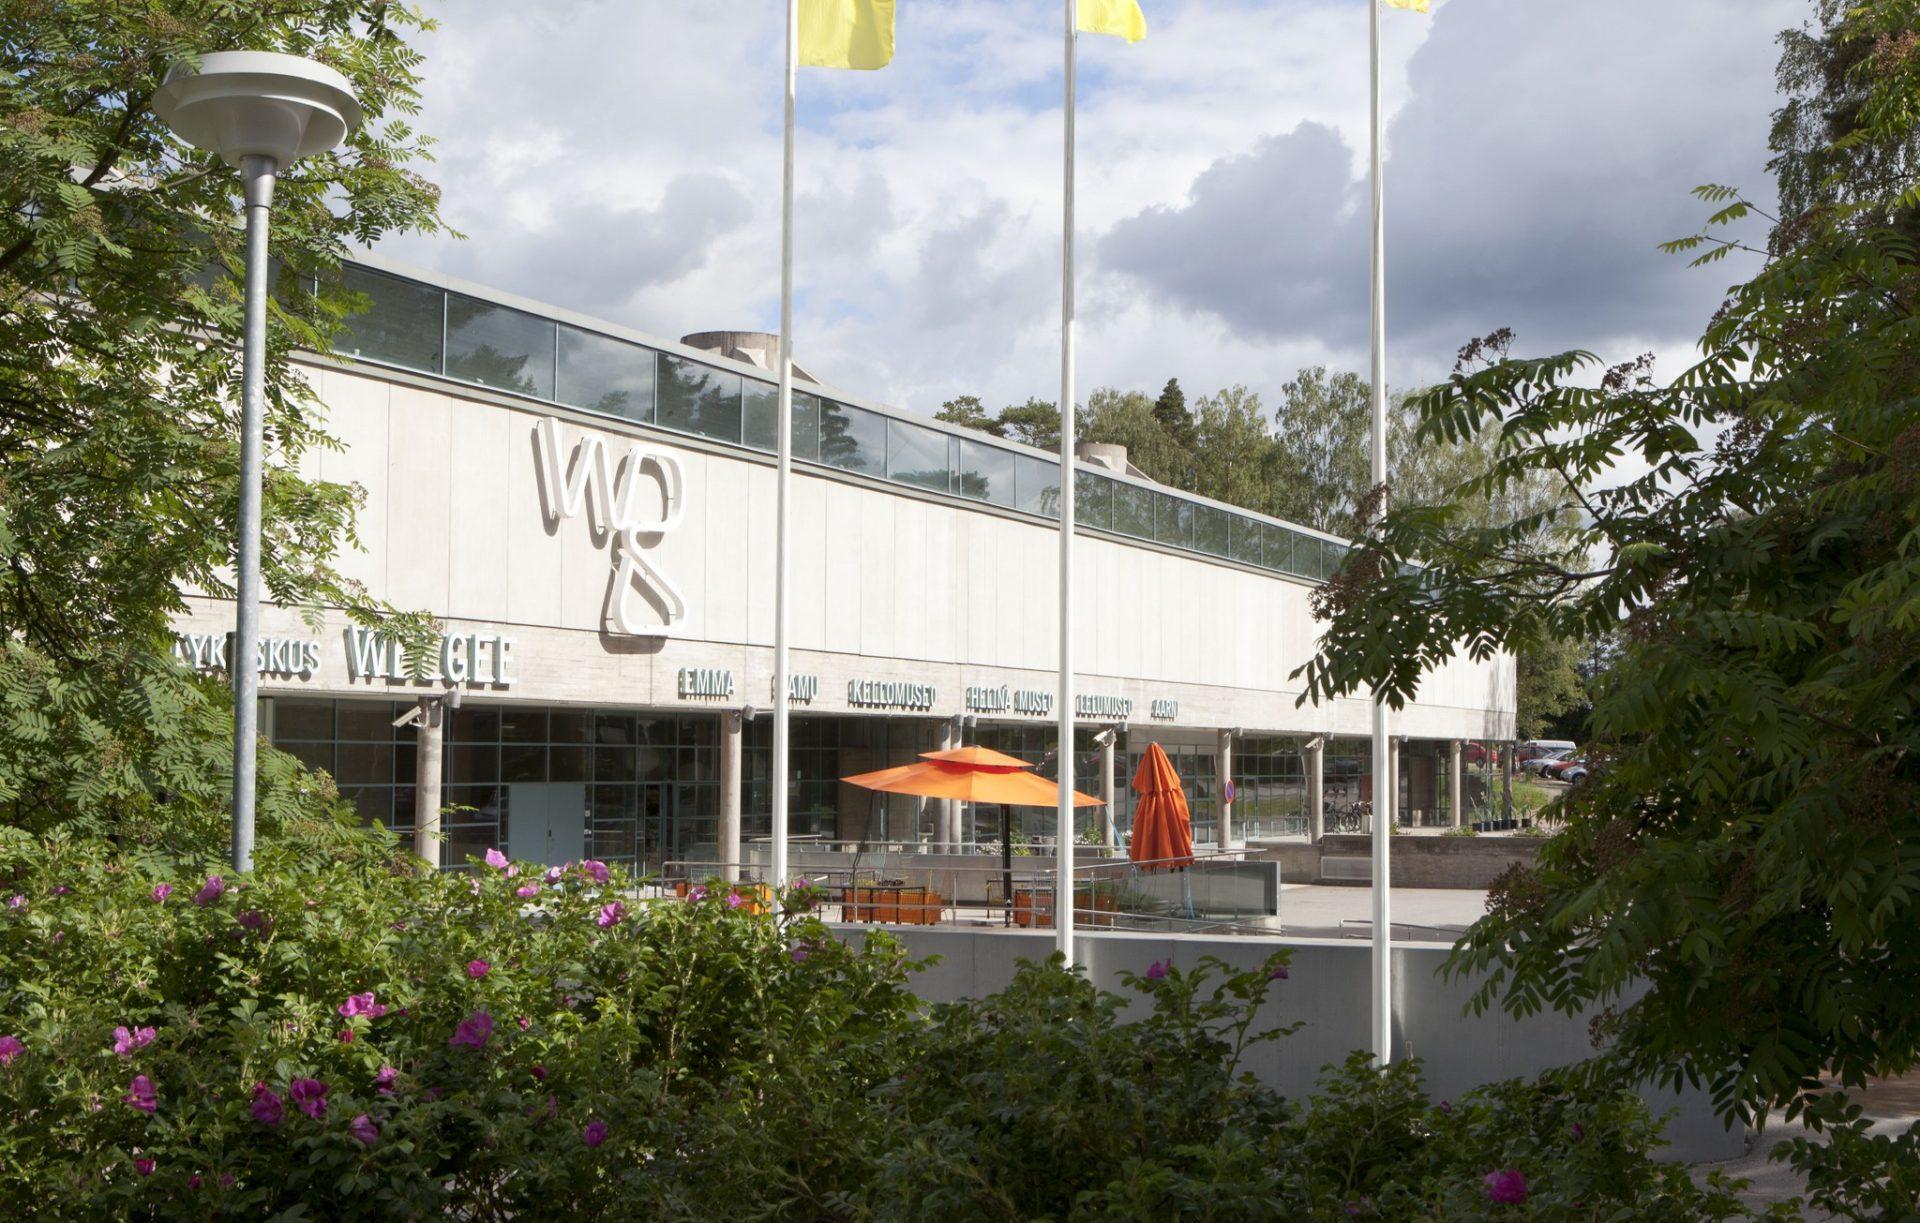 Kuva EMMA-museosta ulkoapäin, museota reunustaa vihreät puut.